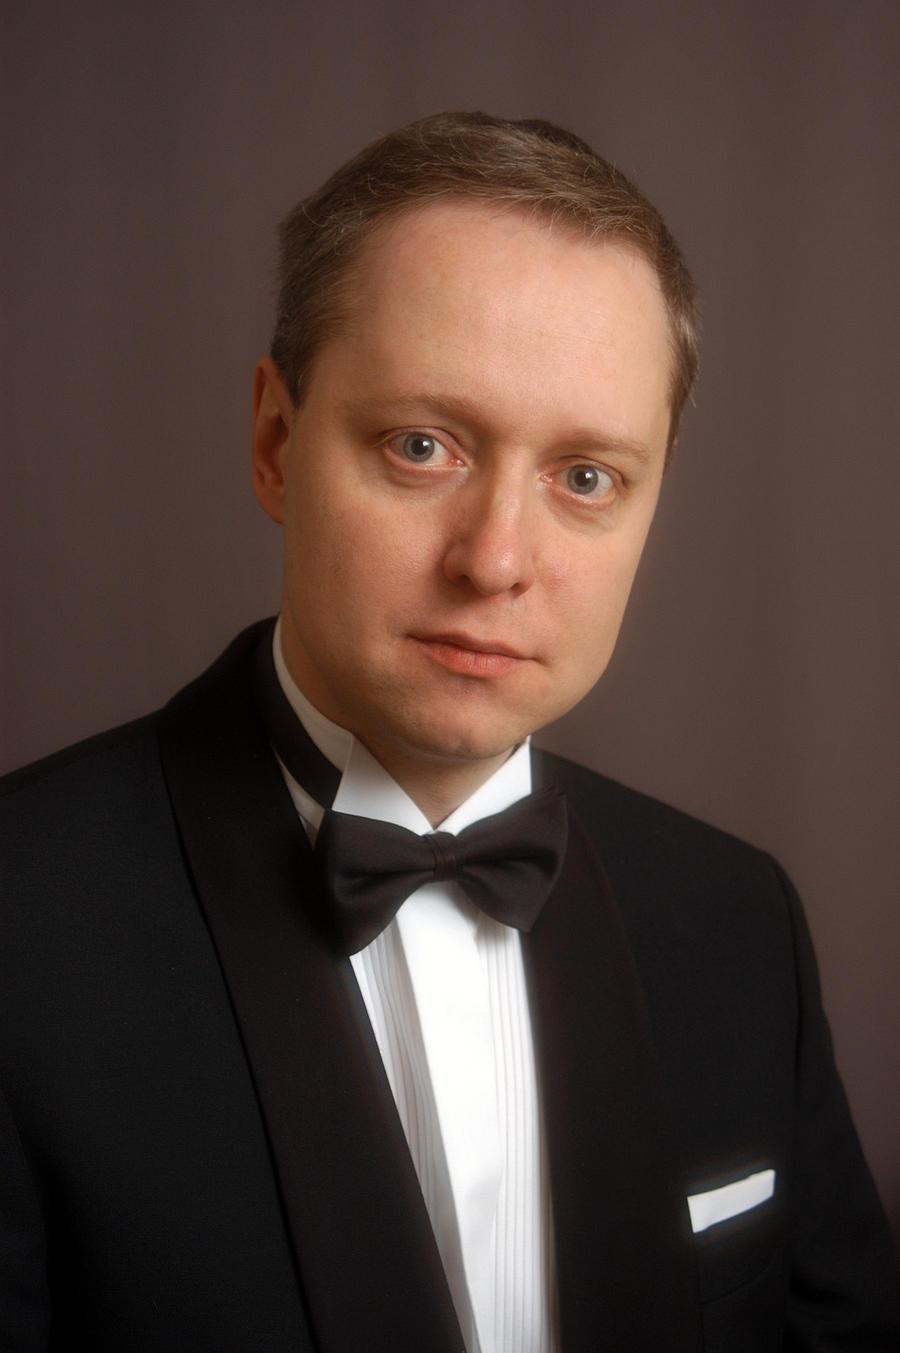 Elmo Tiisvald